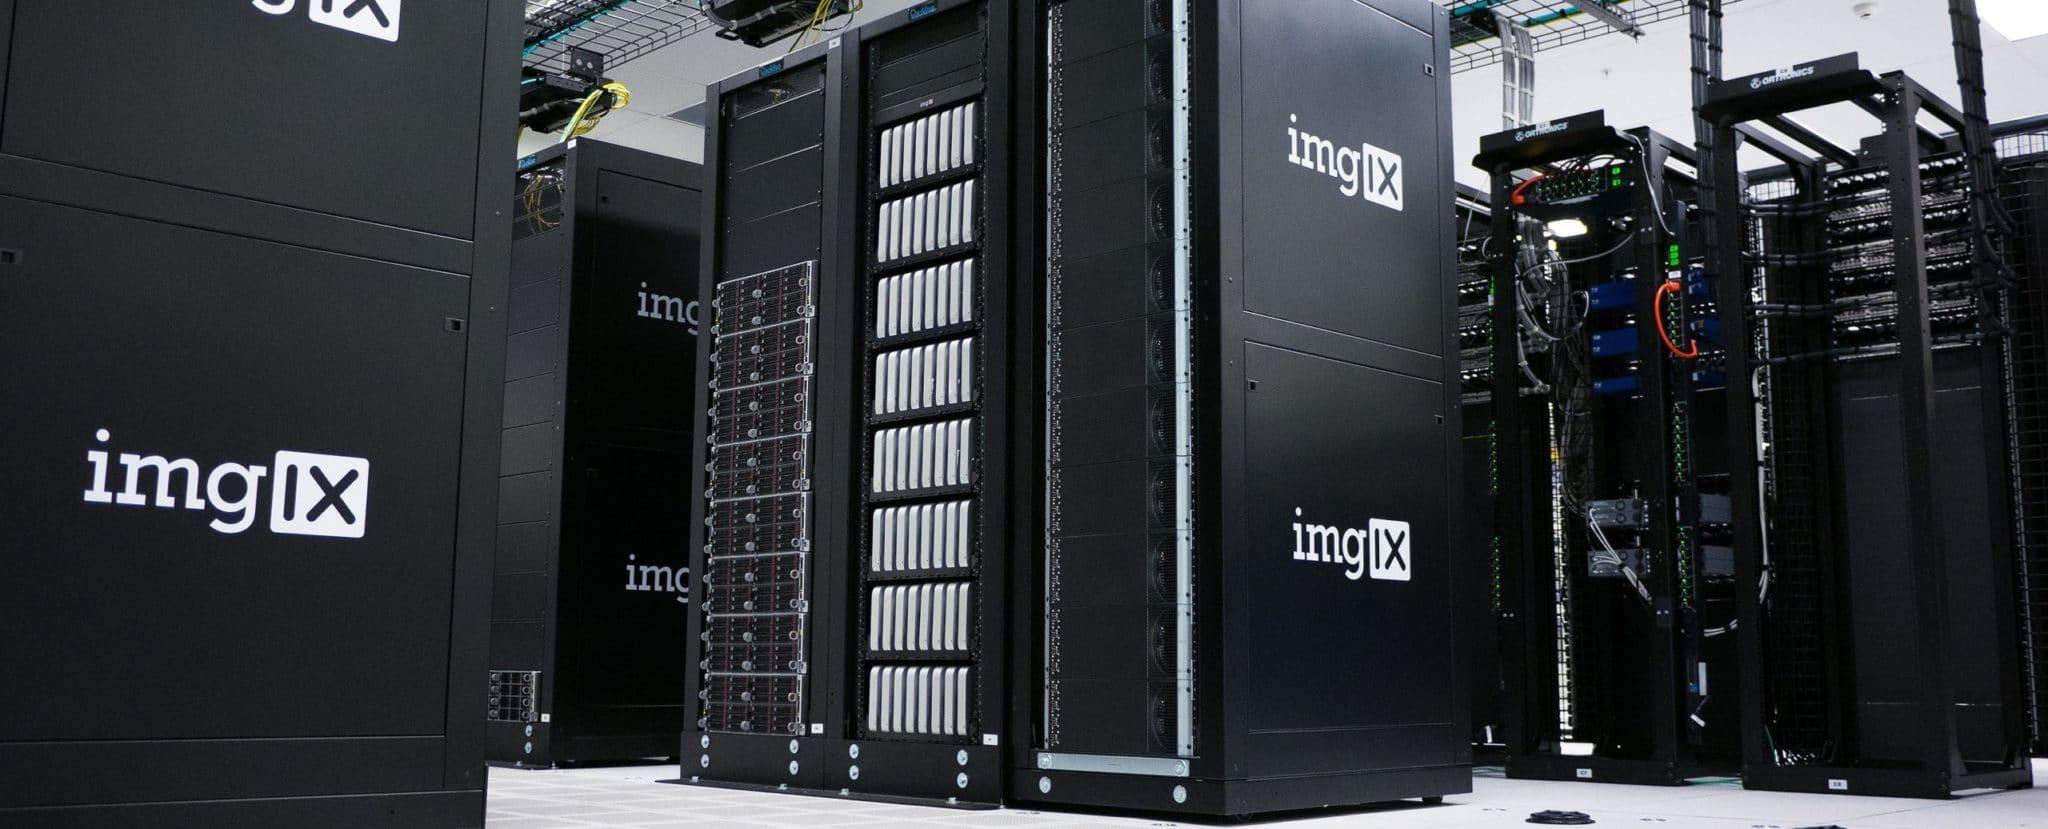 Stabilité infrastructure informatique